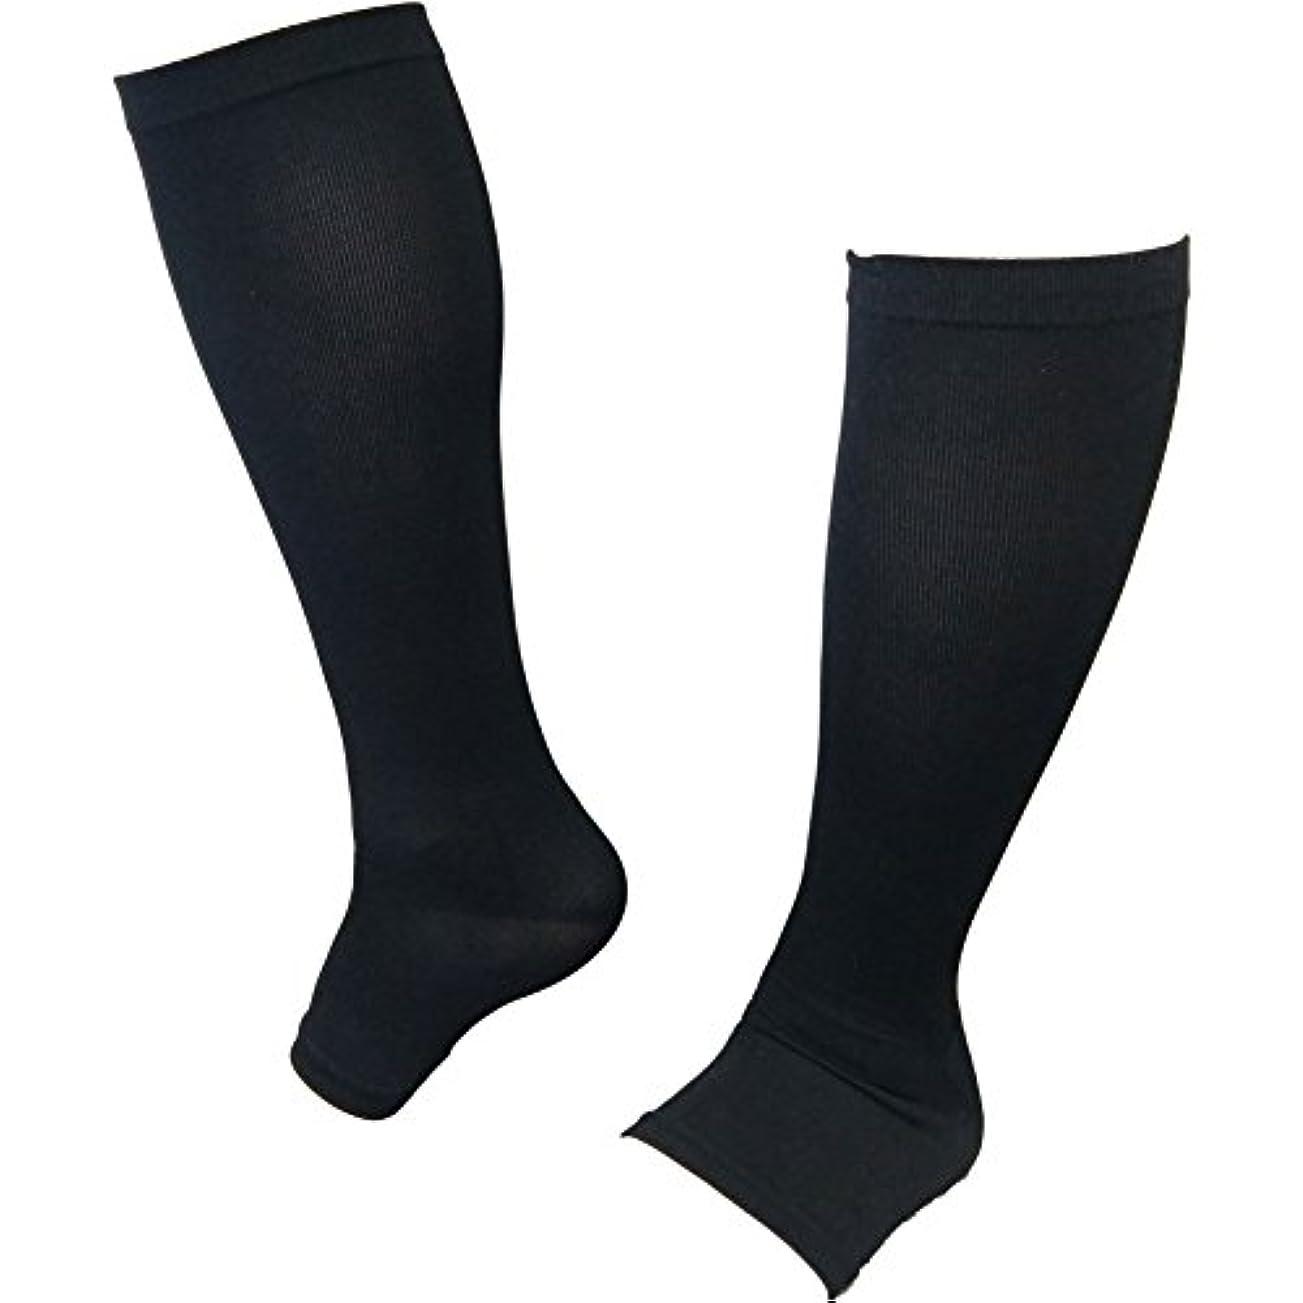 スリットエンジニアリングハーネススパルタックス メンズ着圧ソックス 加圧ソックス 靴下 男性用 着圧 ひざ下 コンプレッション オープントゥ ソックス 強圧サポート むくみ対策 黒 ブラック